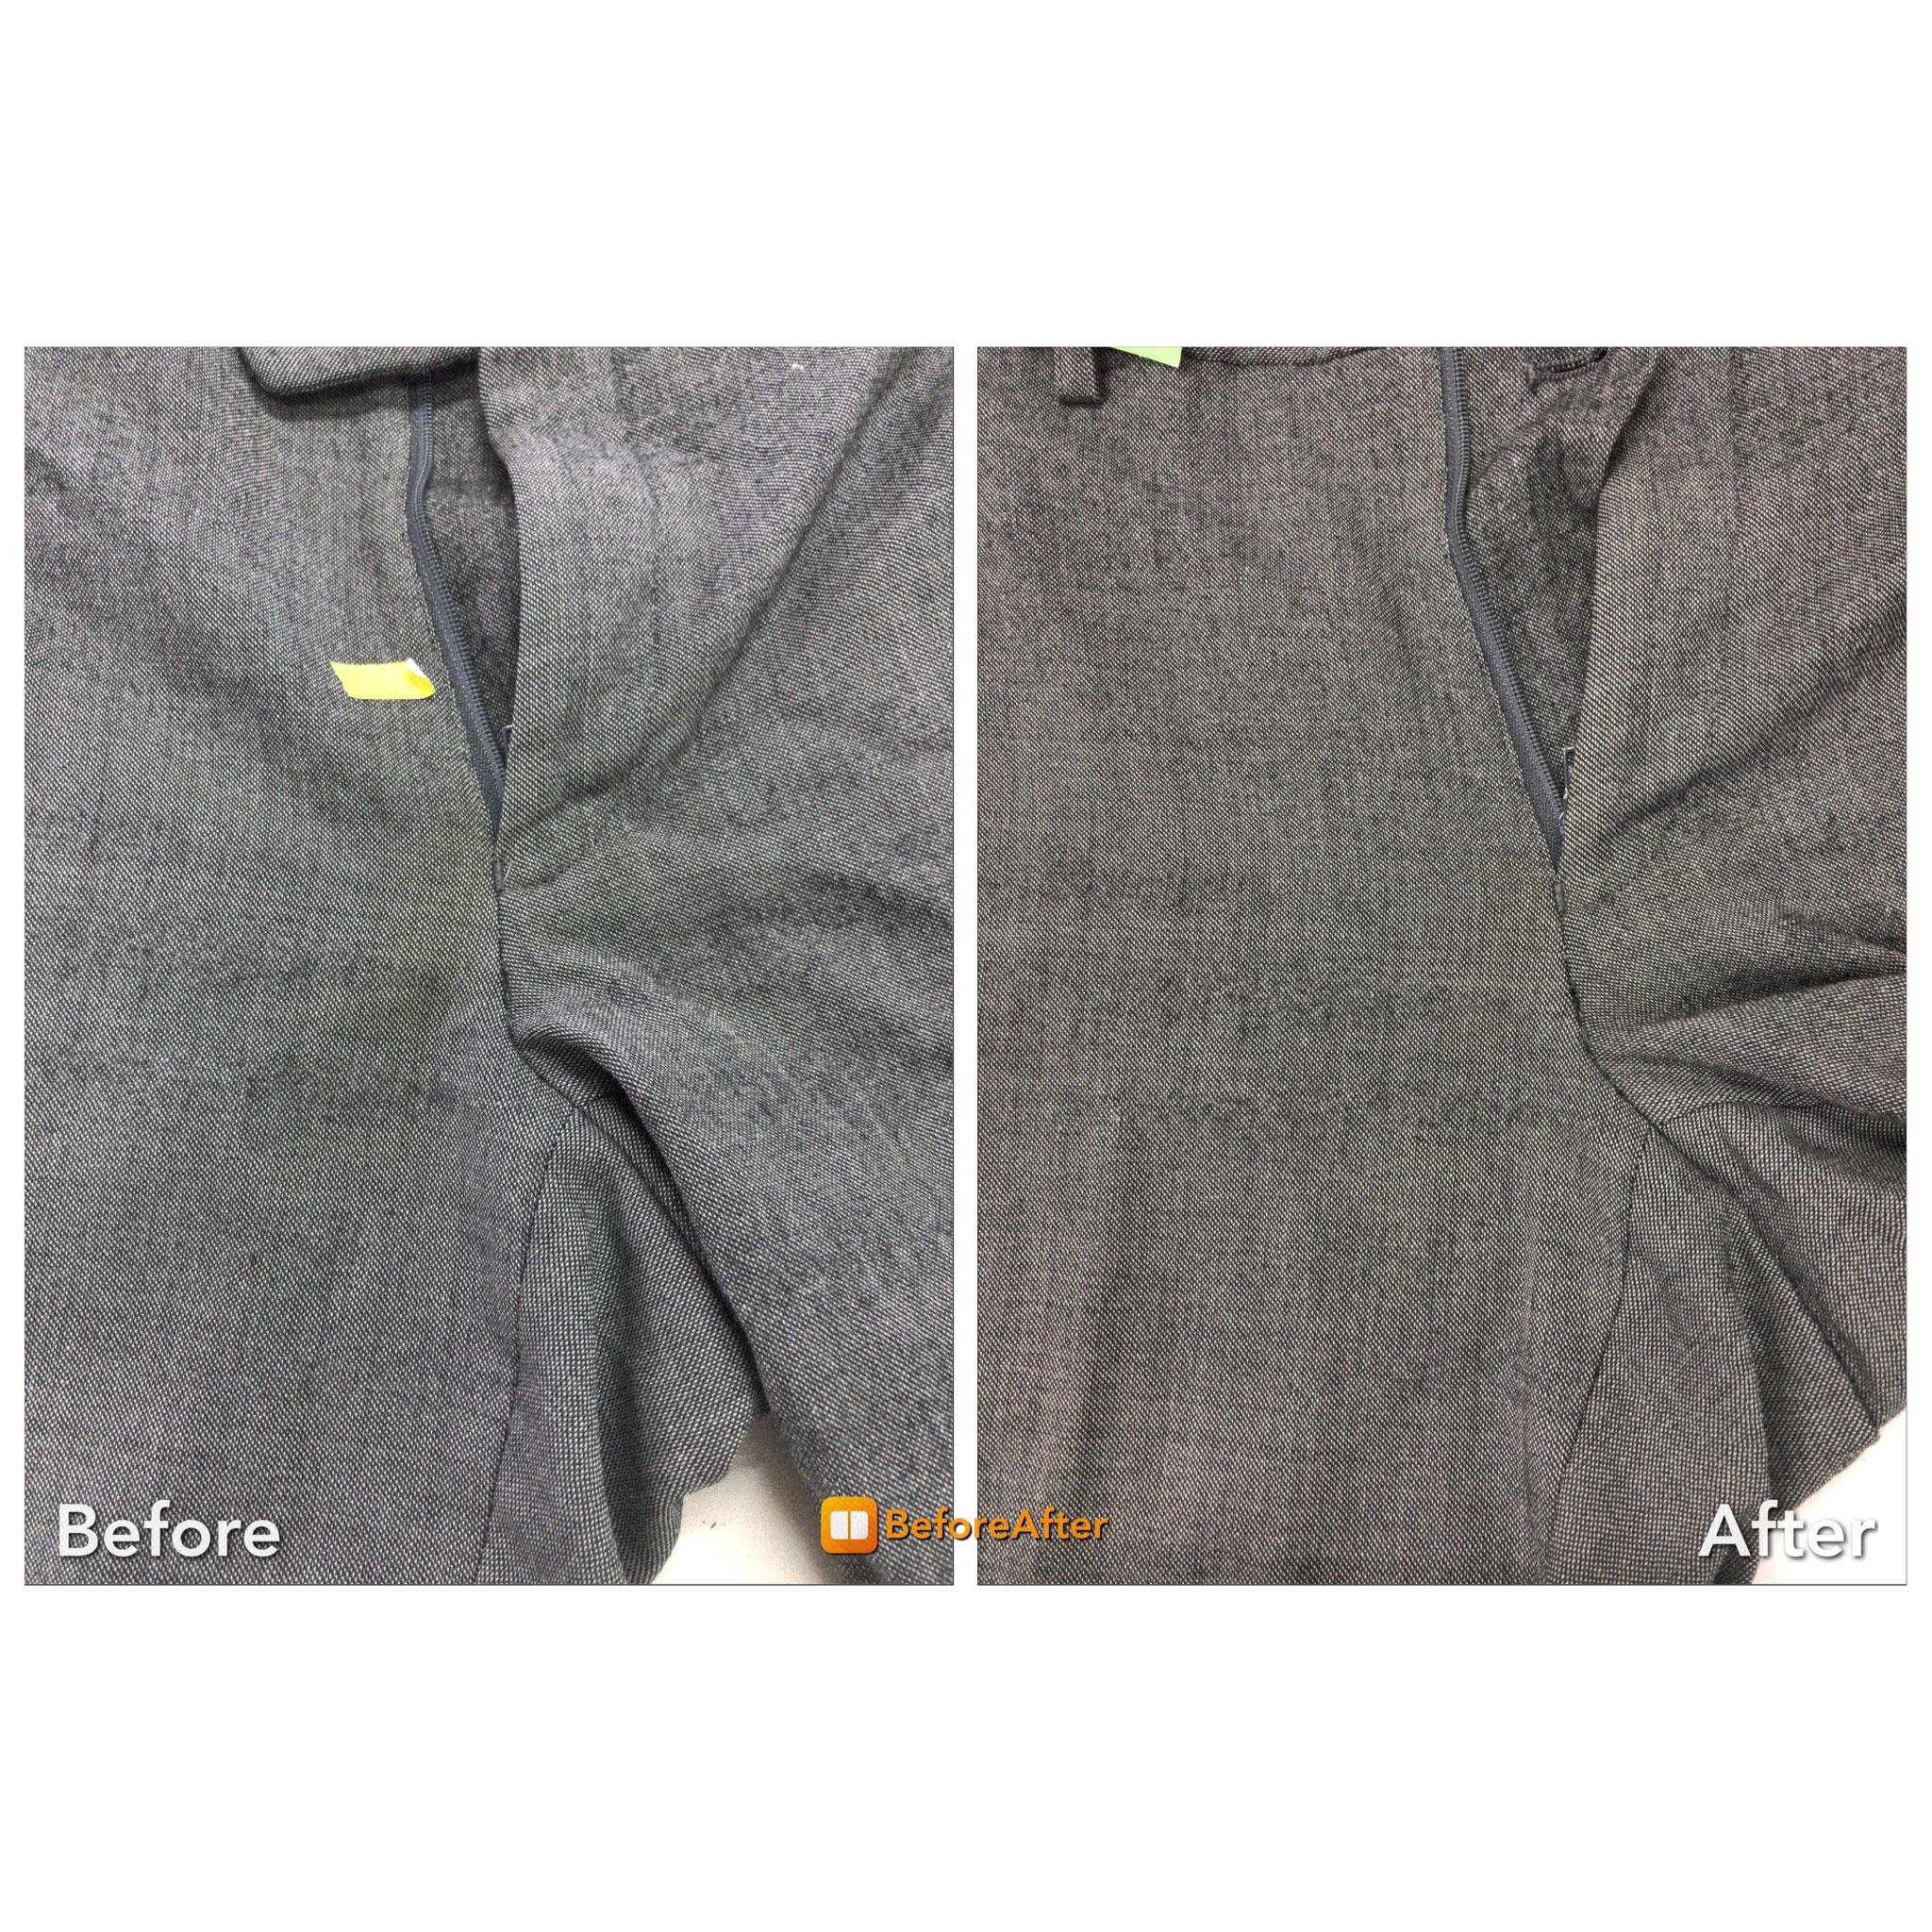 スラックス 股の黄ばみ 復元加工